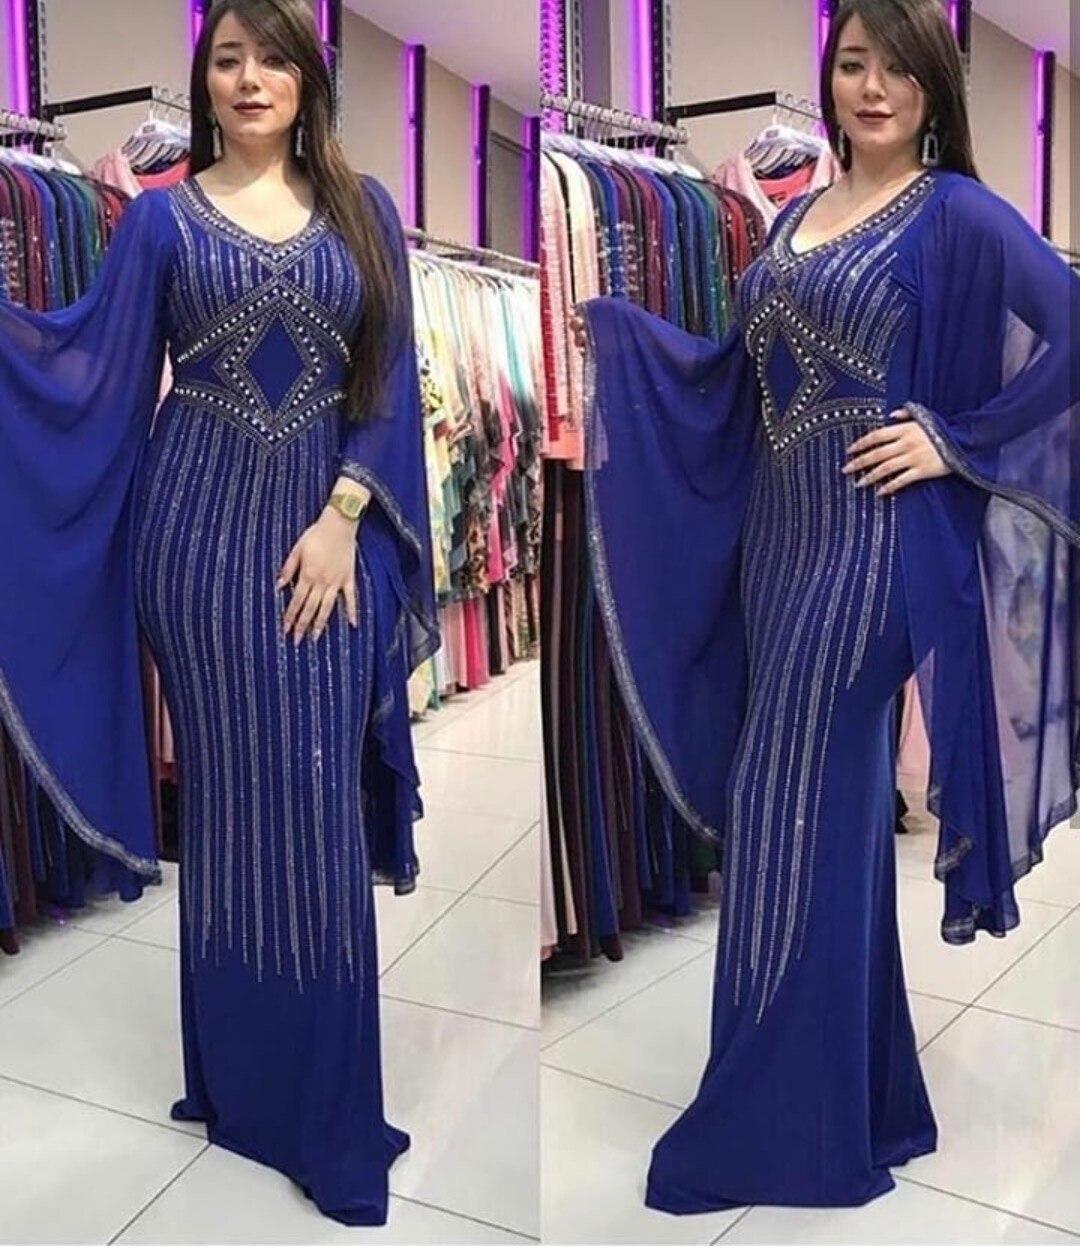 Африканские платья для женщин, тонкое Африканское платье, алмазная Дашики, Дамская африканская одежда размера плюс, дамские платья Анкары